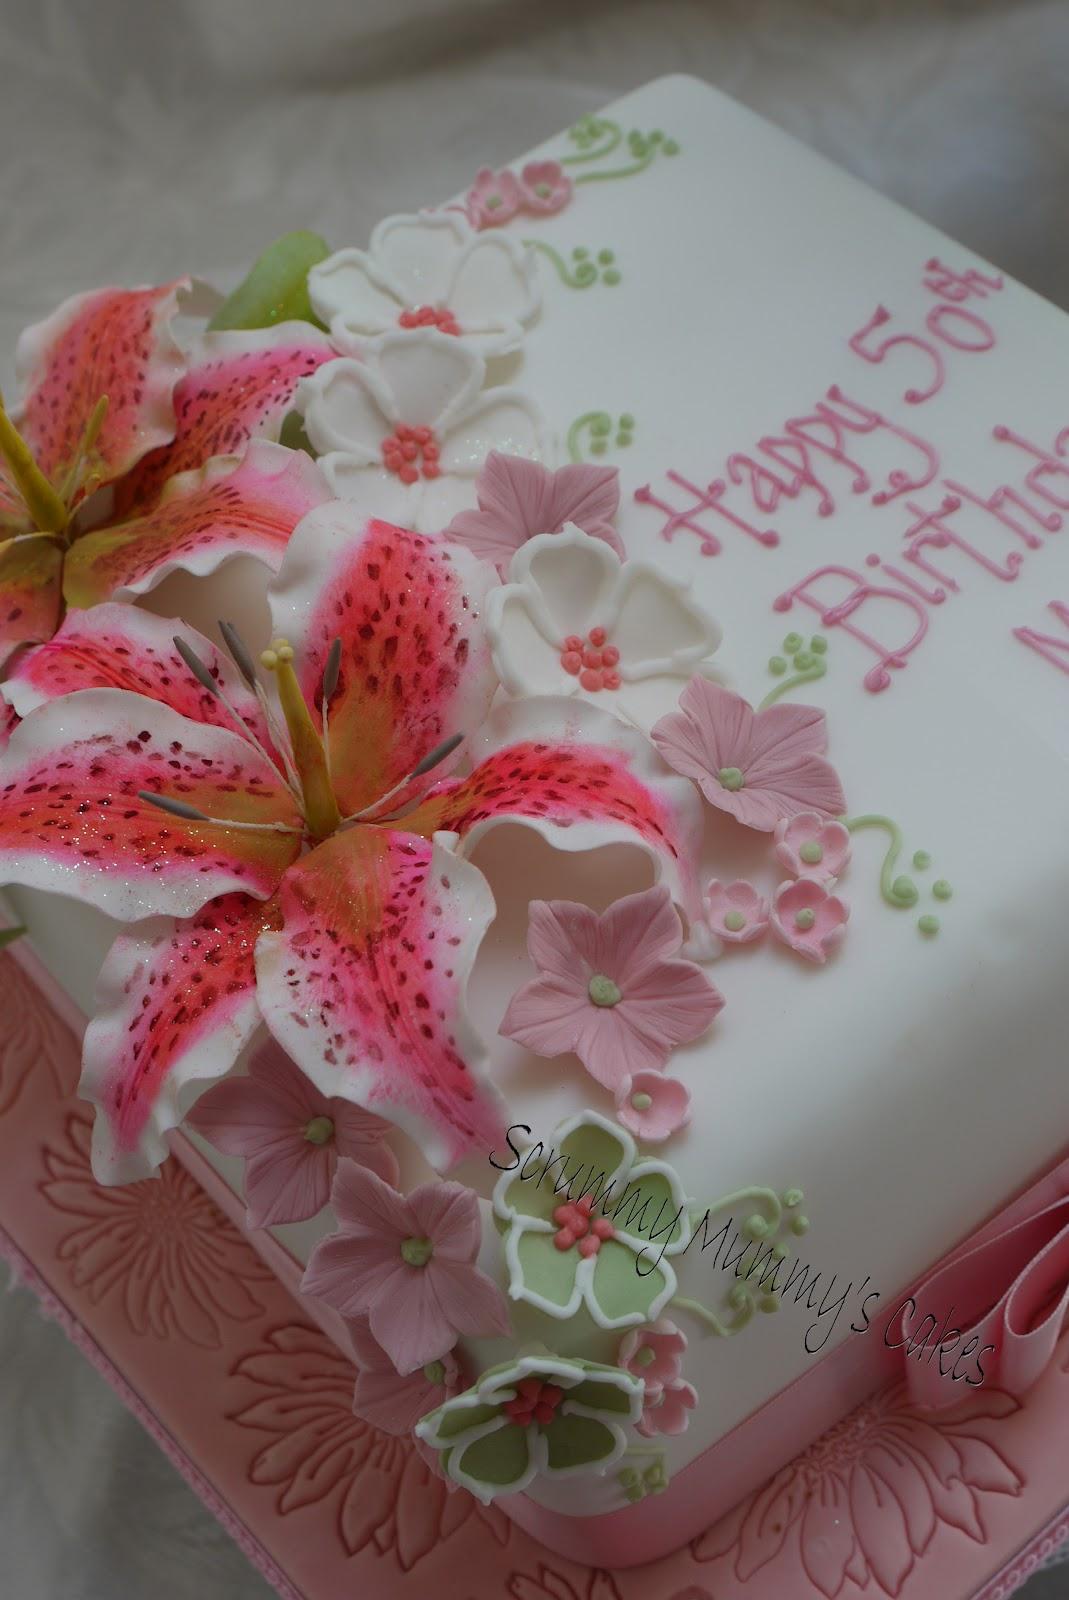 Scrummy Mummys Cakes Stargazer lily 50th Birthday Cake